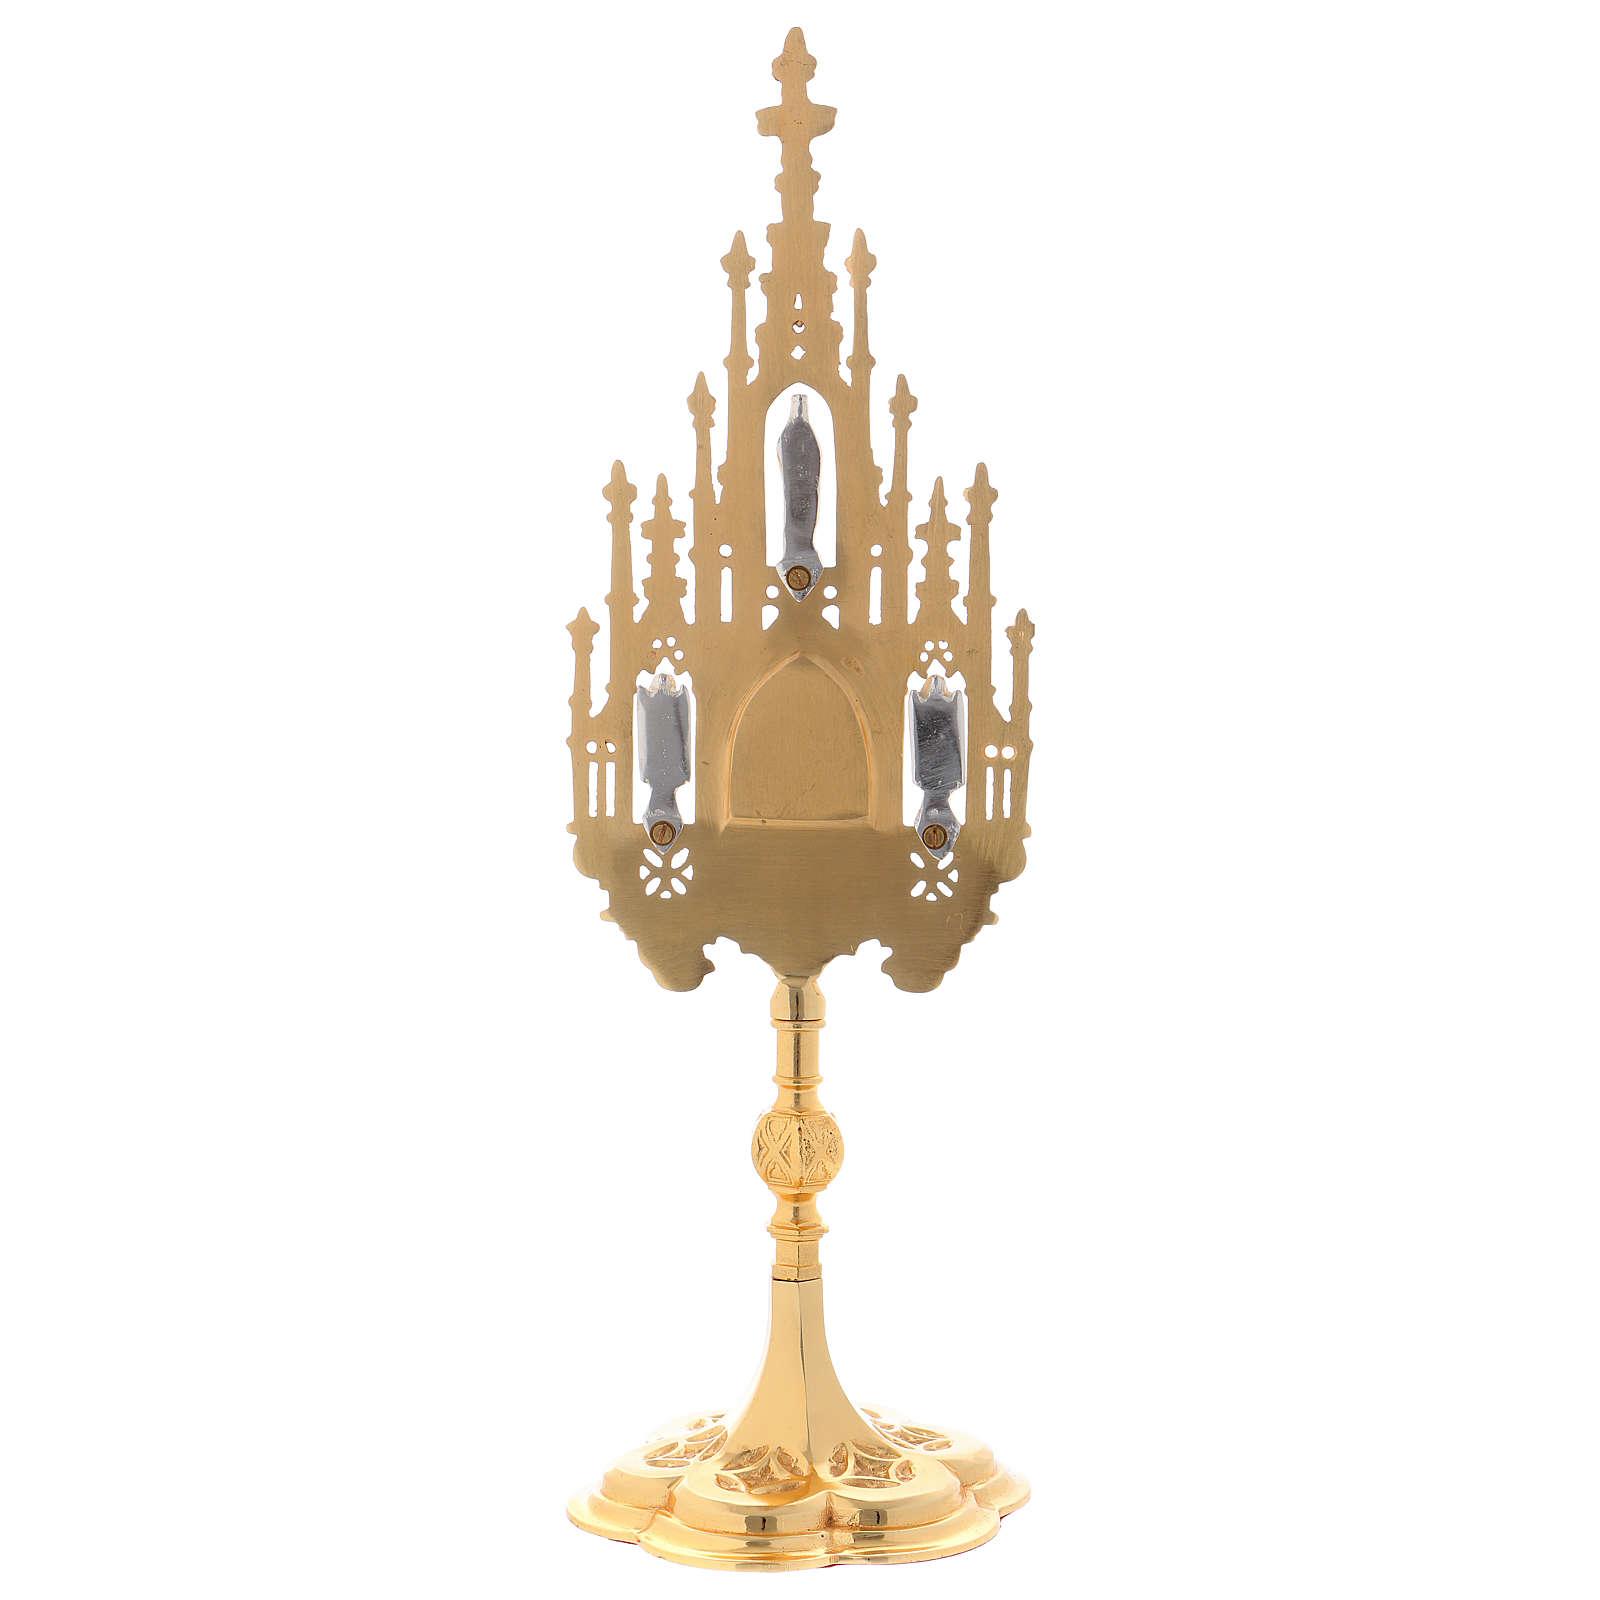 Reliquiario stile gotico ottone dorato 40 cm 4